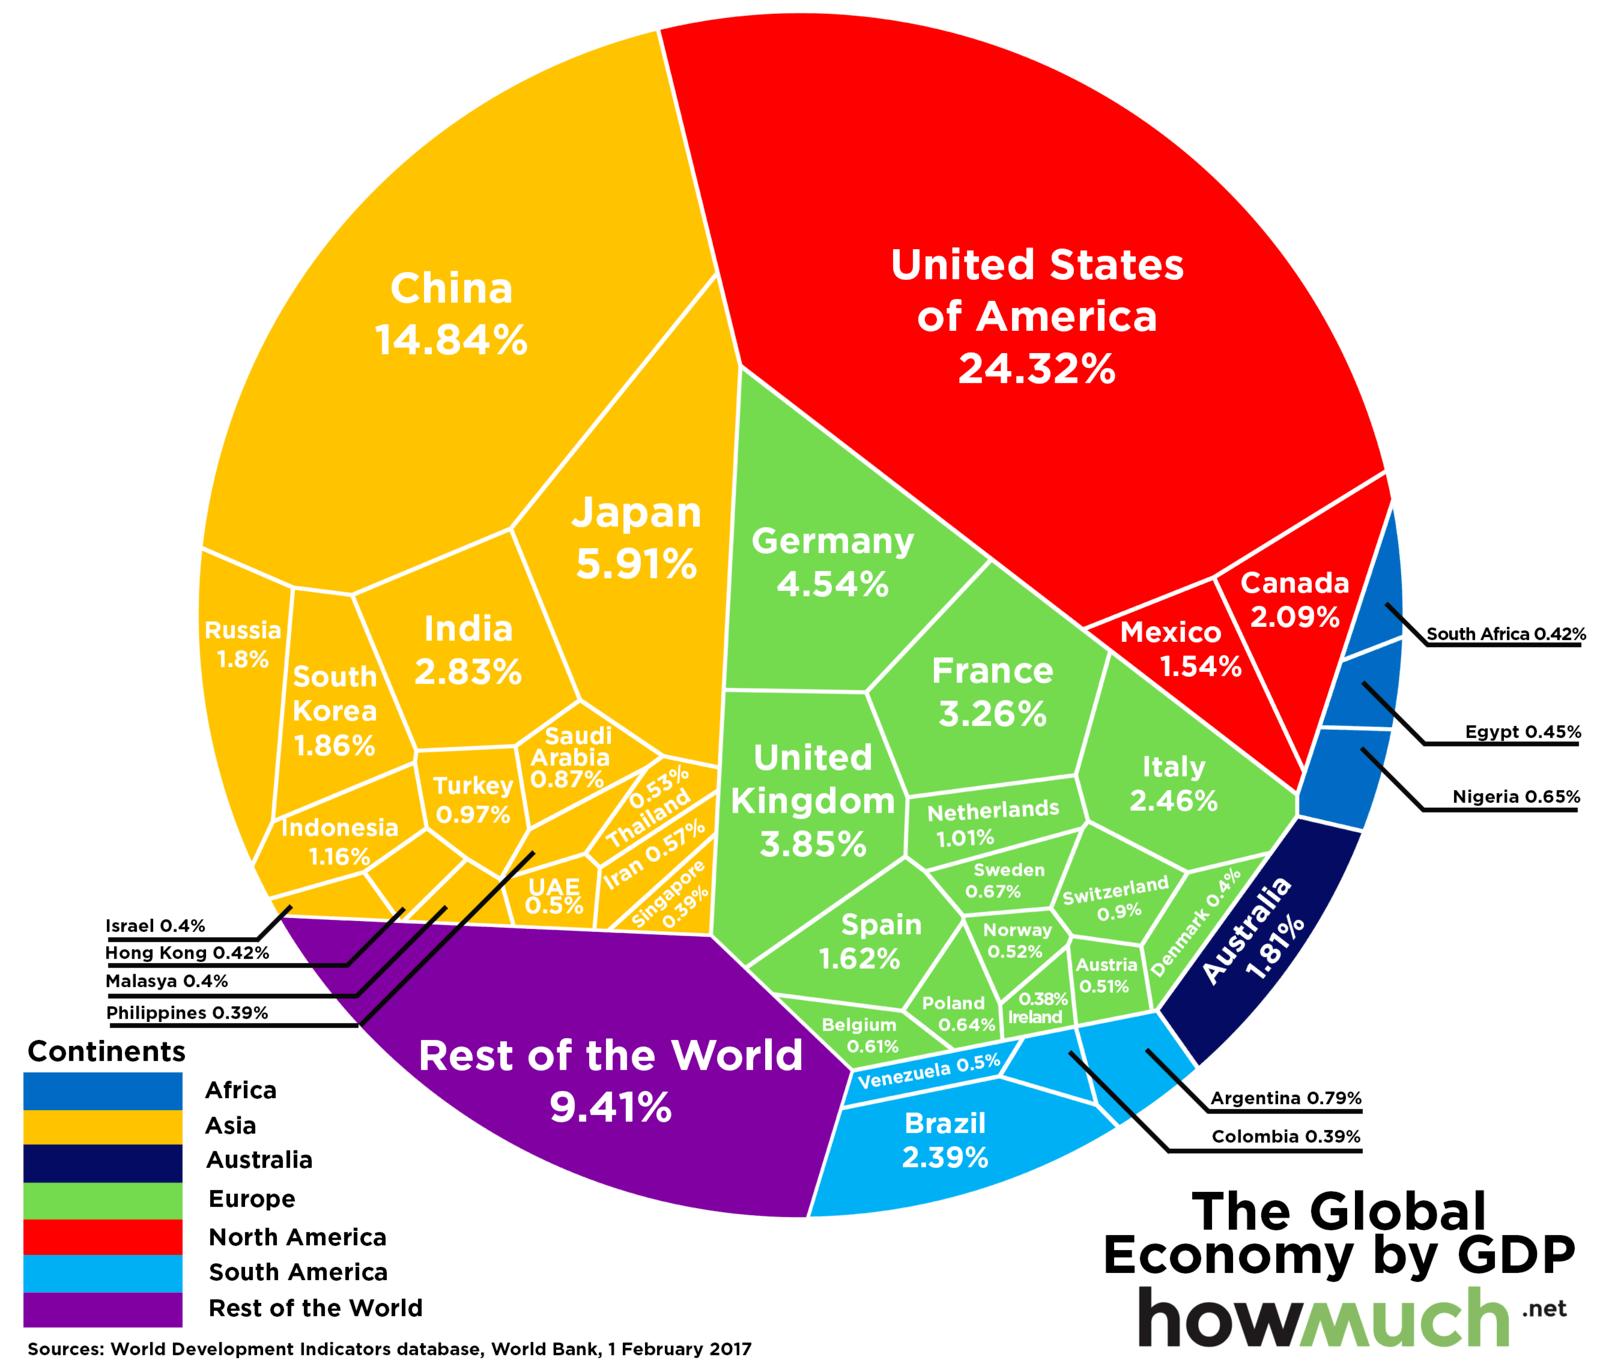 رتبهبندی بزرگترین اقتصادهای جهان در سال ۲۰۱۹